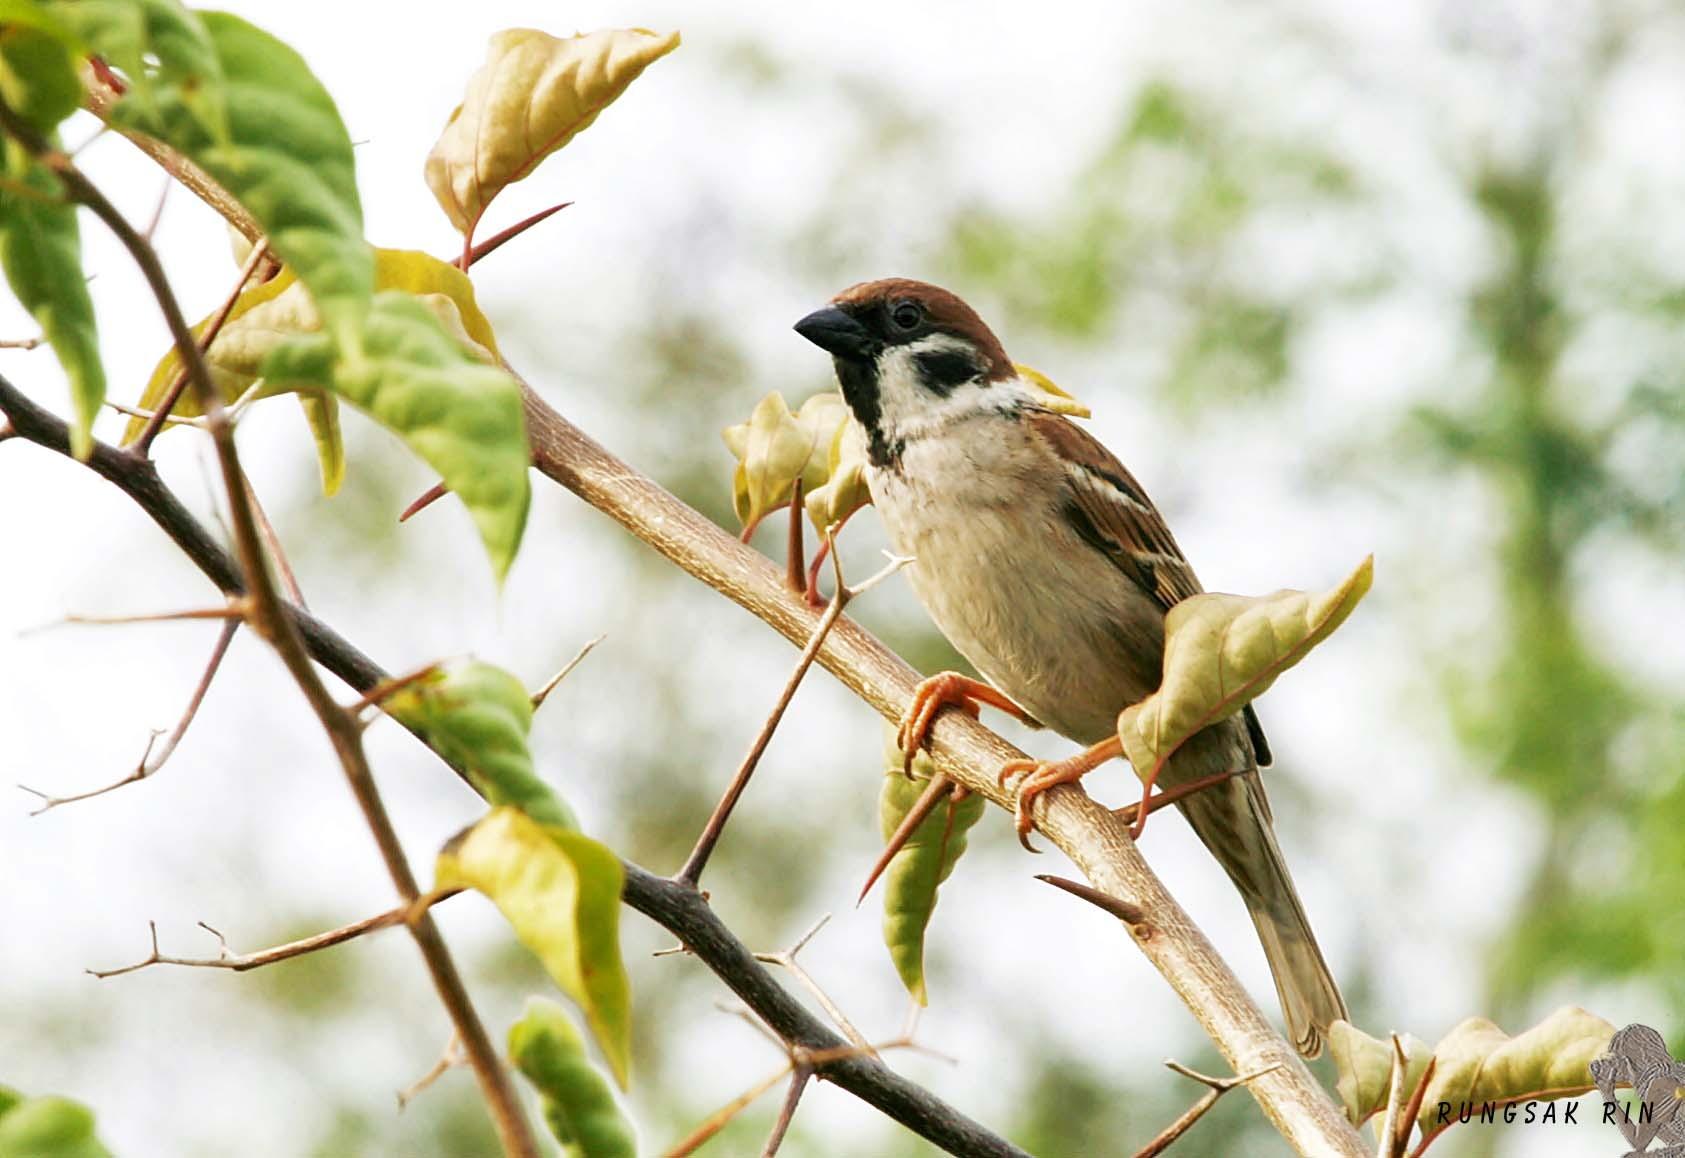 Bird by Rungsak Rintharasri